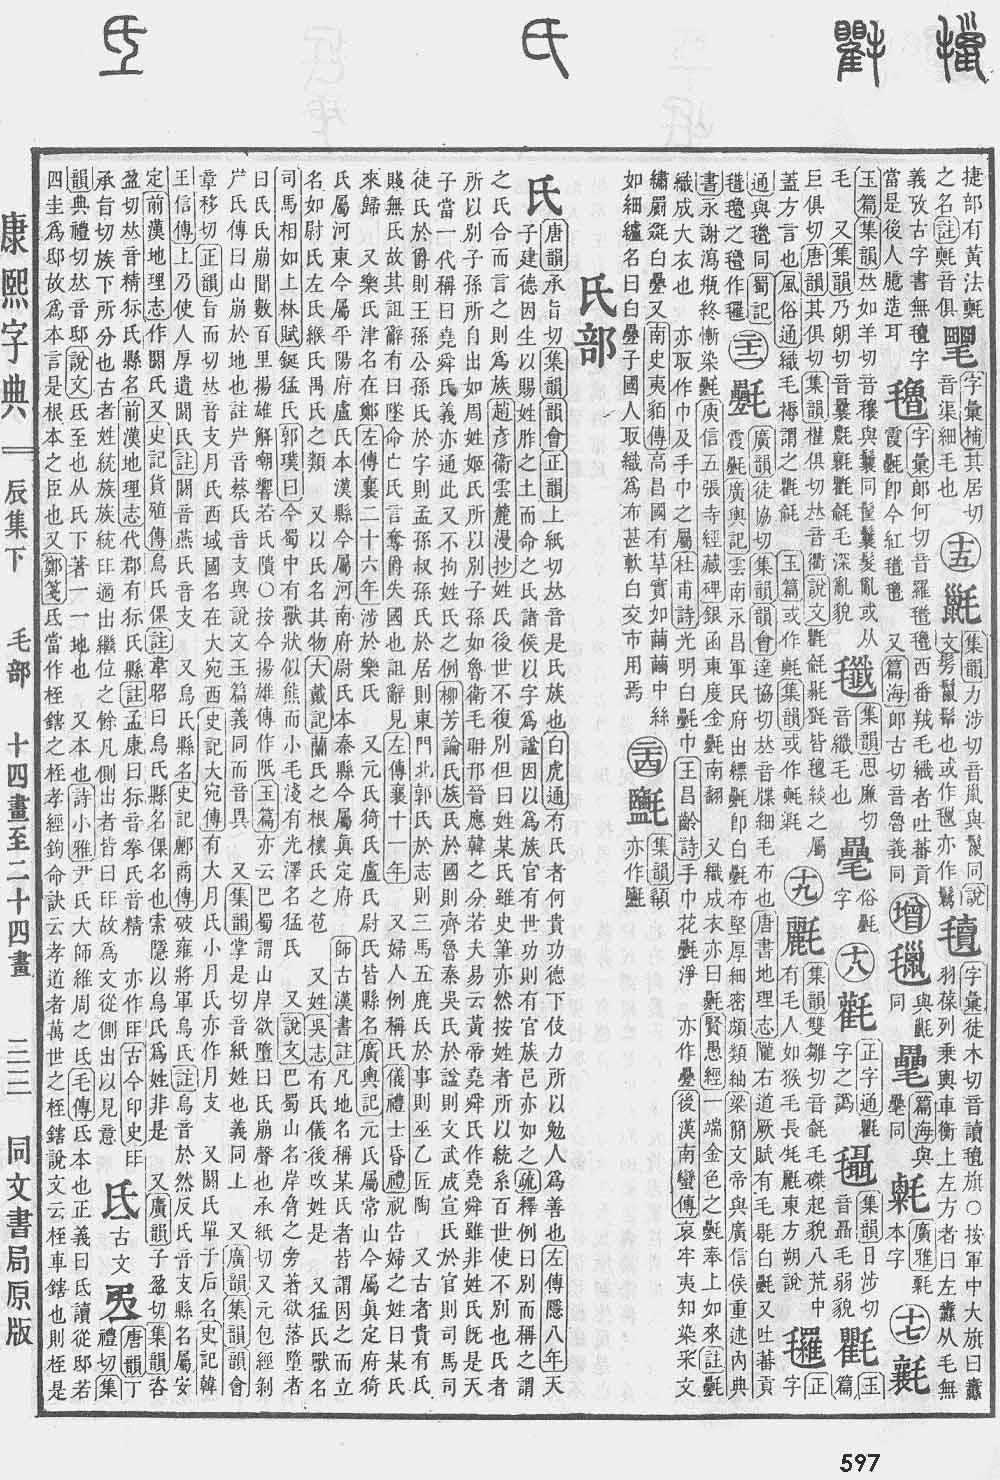 《康熙字典》第597页